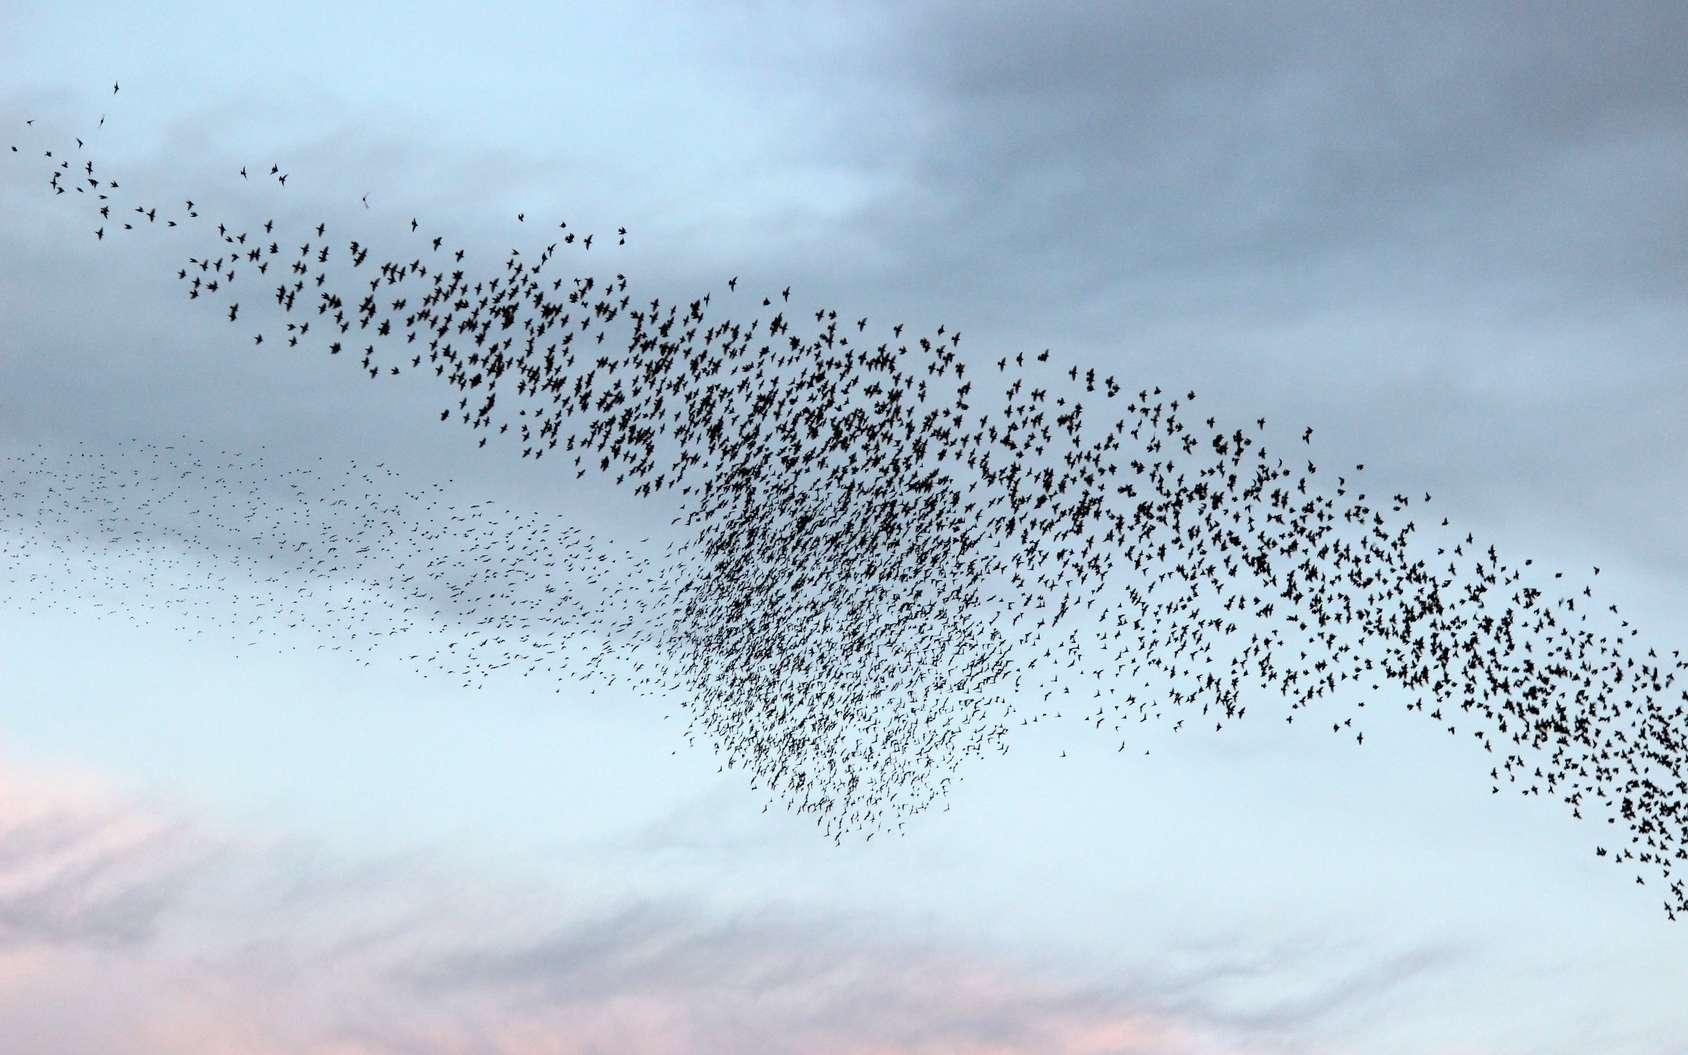 Les étourneaux se déplacent en nombre. © Jackin, fotolia